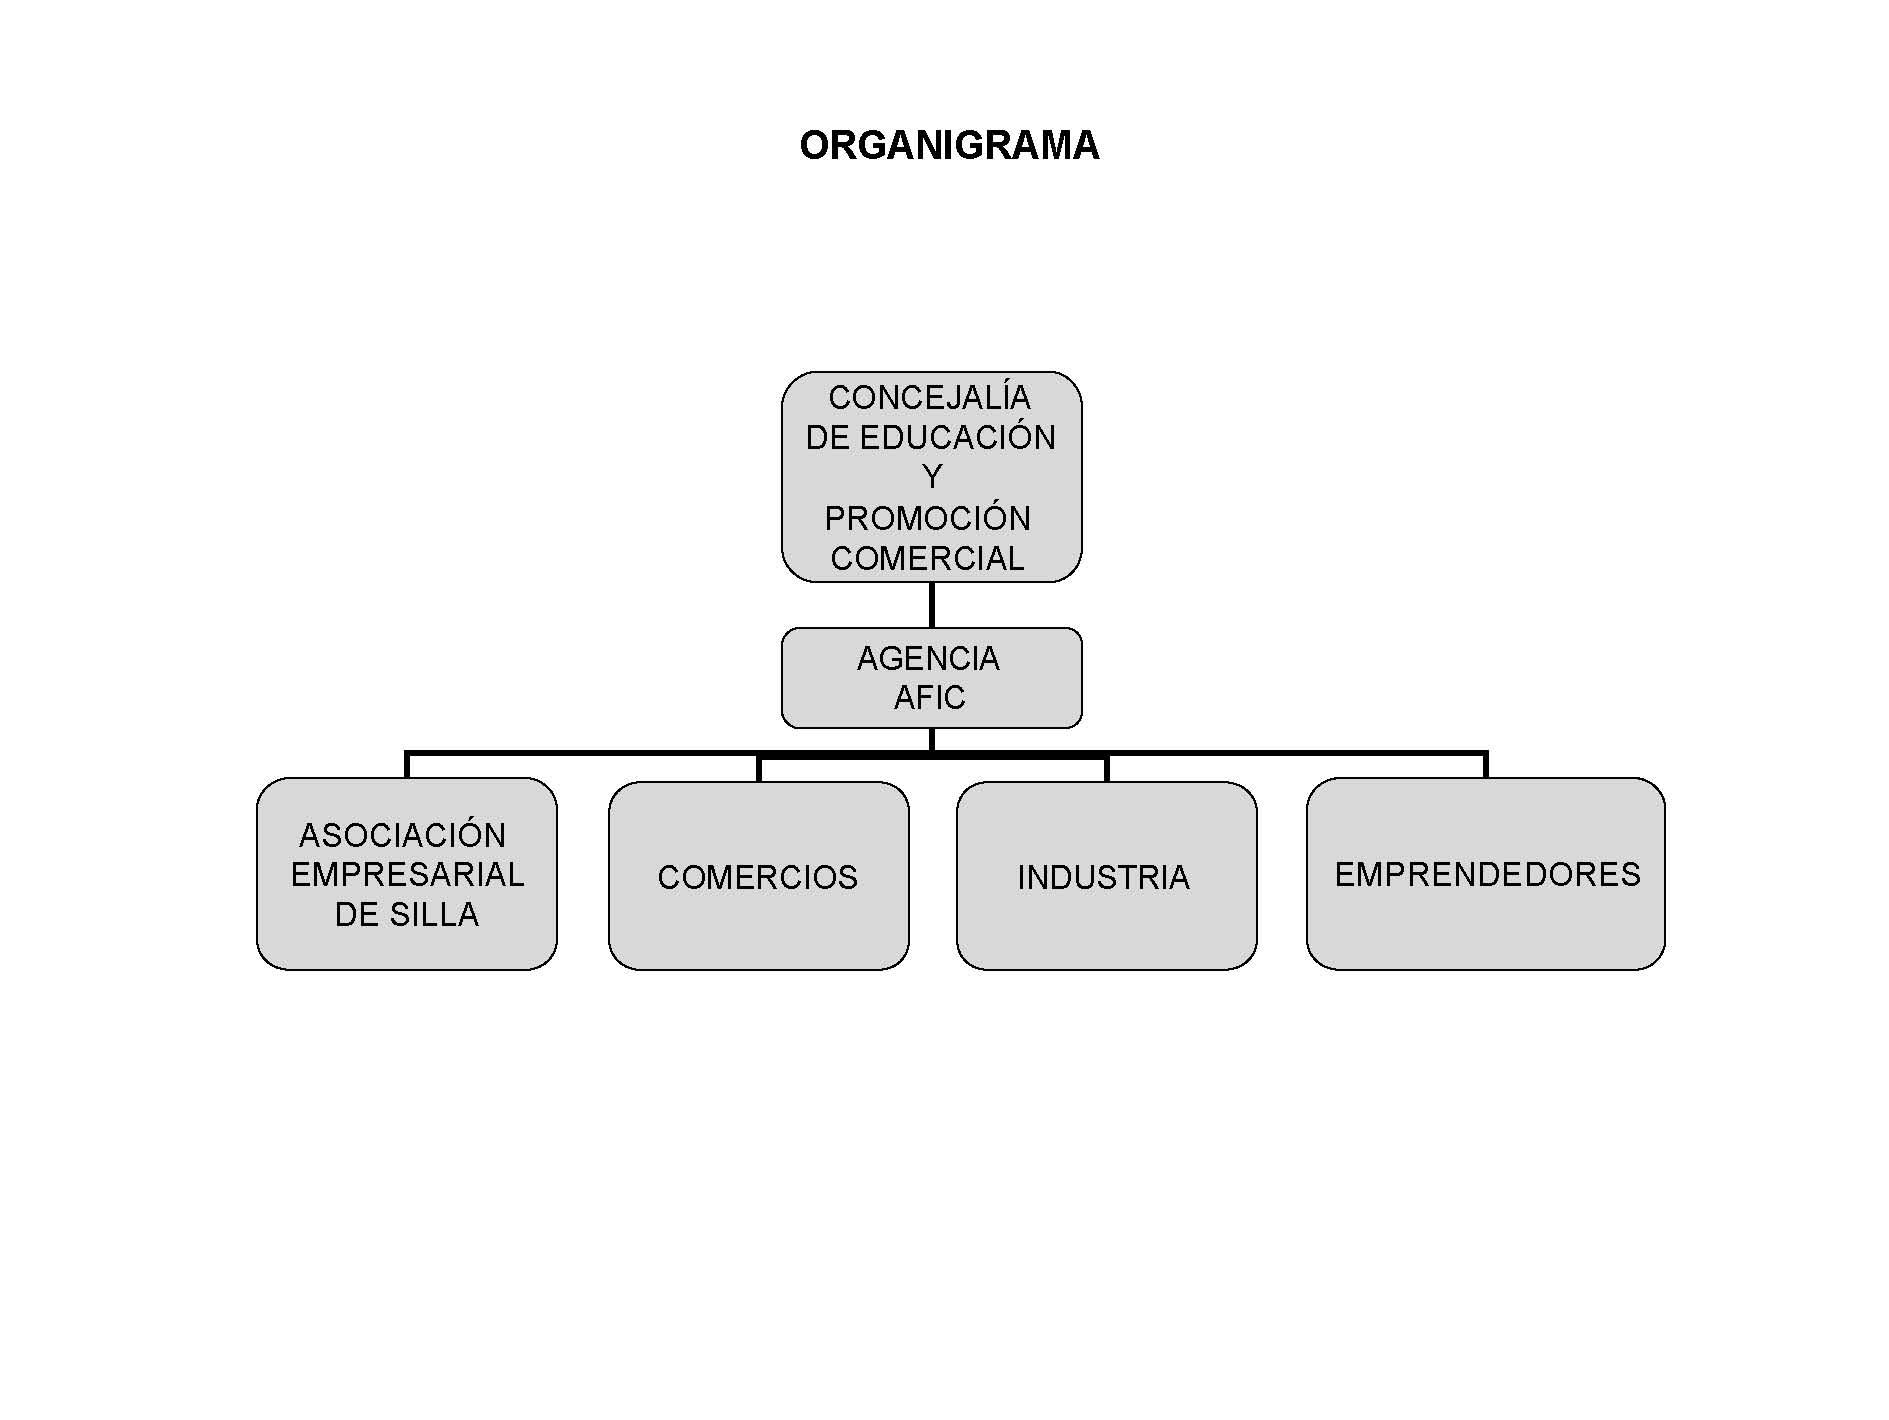 Organigrama ajuntament de silla portal del comer sostenible for Ajuntament de silla